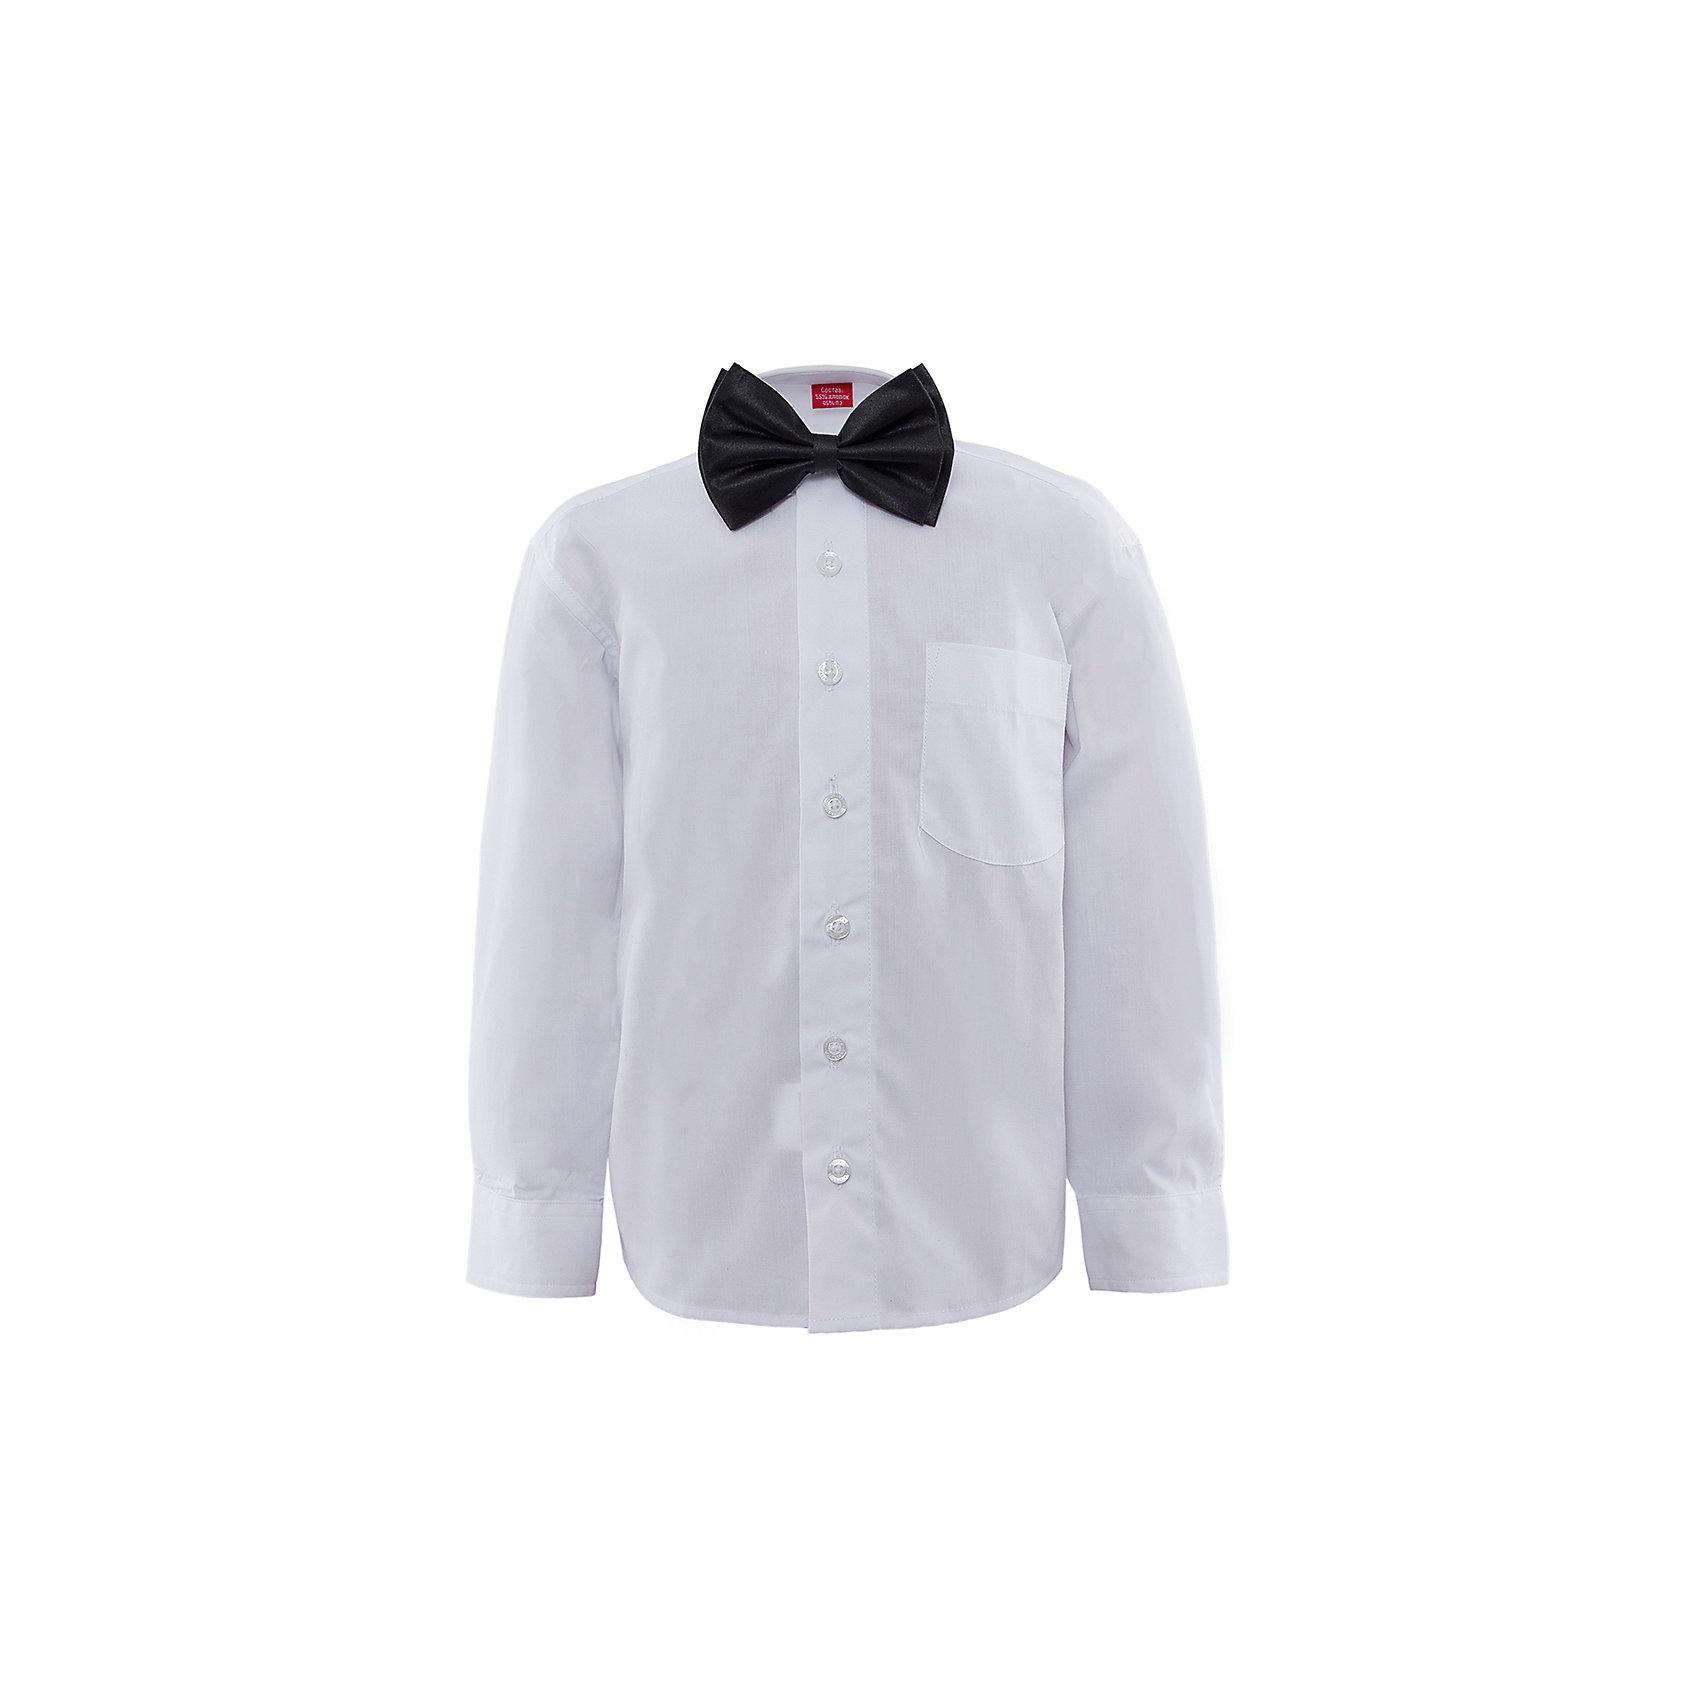 Рубашка с бабочкой для мальчика ImperatorБлузки и рубашки<br>Рубашка с бабочкой для мальчика от известного бренда Imperator.<br><br>Потрясающий комплект включает в себя белую сорочку и черную бабочку. Идеальный вариант для праздника. Пусть самый юный богатырь выглядит, как серьезный, взрослый, настоящий мужчина! Модель рубашки -классическая, на пуговицах, с отложным воротником. Свободный покрой не стесняет движения и позволяет чувствовать себя комфортно. <br><br>Состав:<br>55 % хлопок, 45% П/Э + 100% п/э<br><br>Ширина мм: 174<br>Глубина мм: 10<br>Высота мм: 169<br>Вес г: 157<br>Цвет: белый<br>Возраст от месяцев: 48<br>Возраст до месяцев: 60<br>Пол: Мужской<br>Возраст: Детский<br>Размер: 104/110,92/98,98/104,110/116,116/122<br>SKU: 4963314